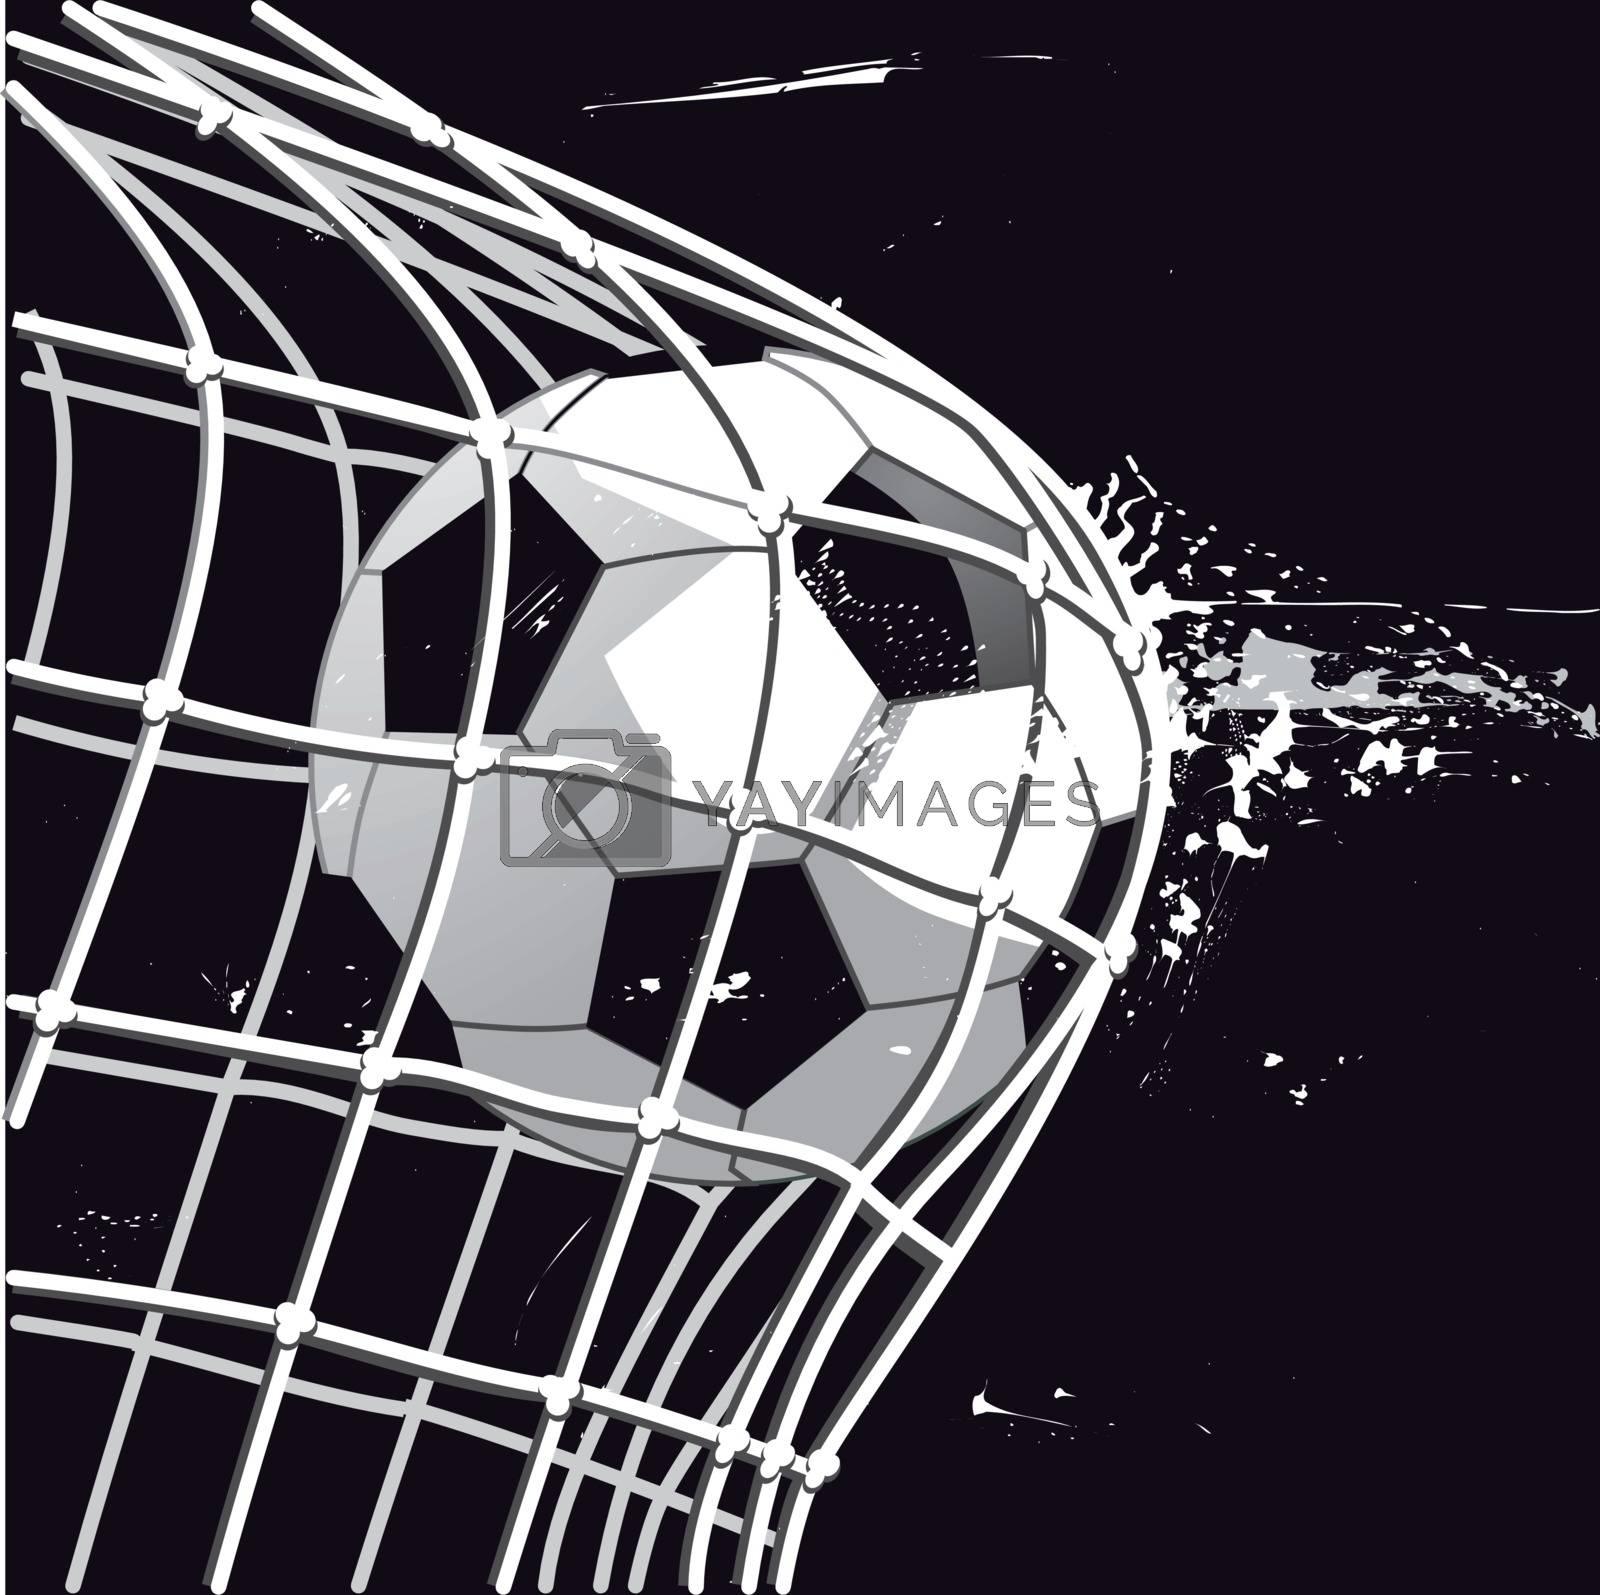 Football goal, goal shot, illustration